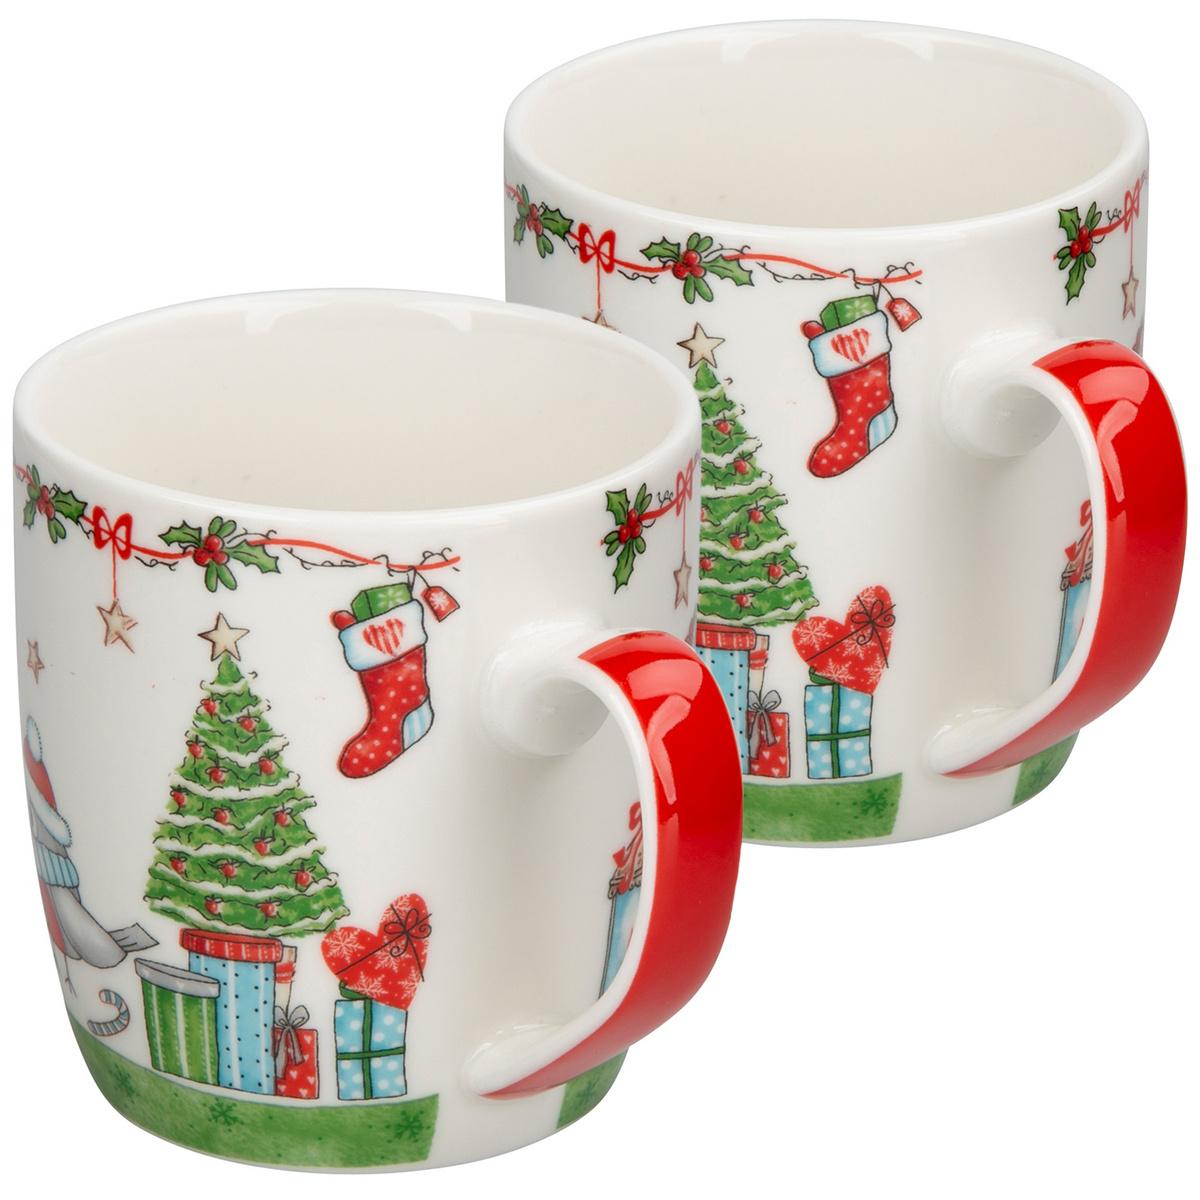 Altom Porcelánový hrnek Holly Christmas green 300 ml, 2 ks